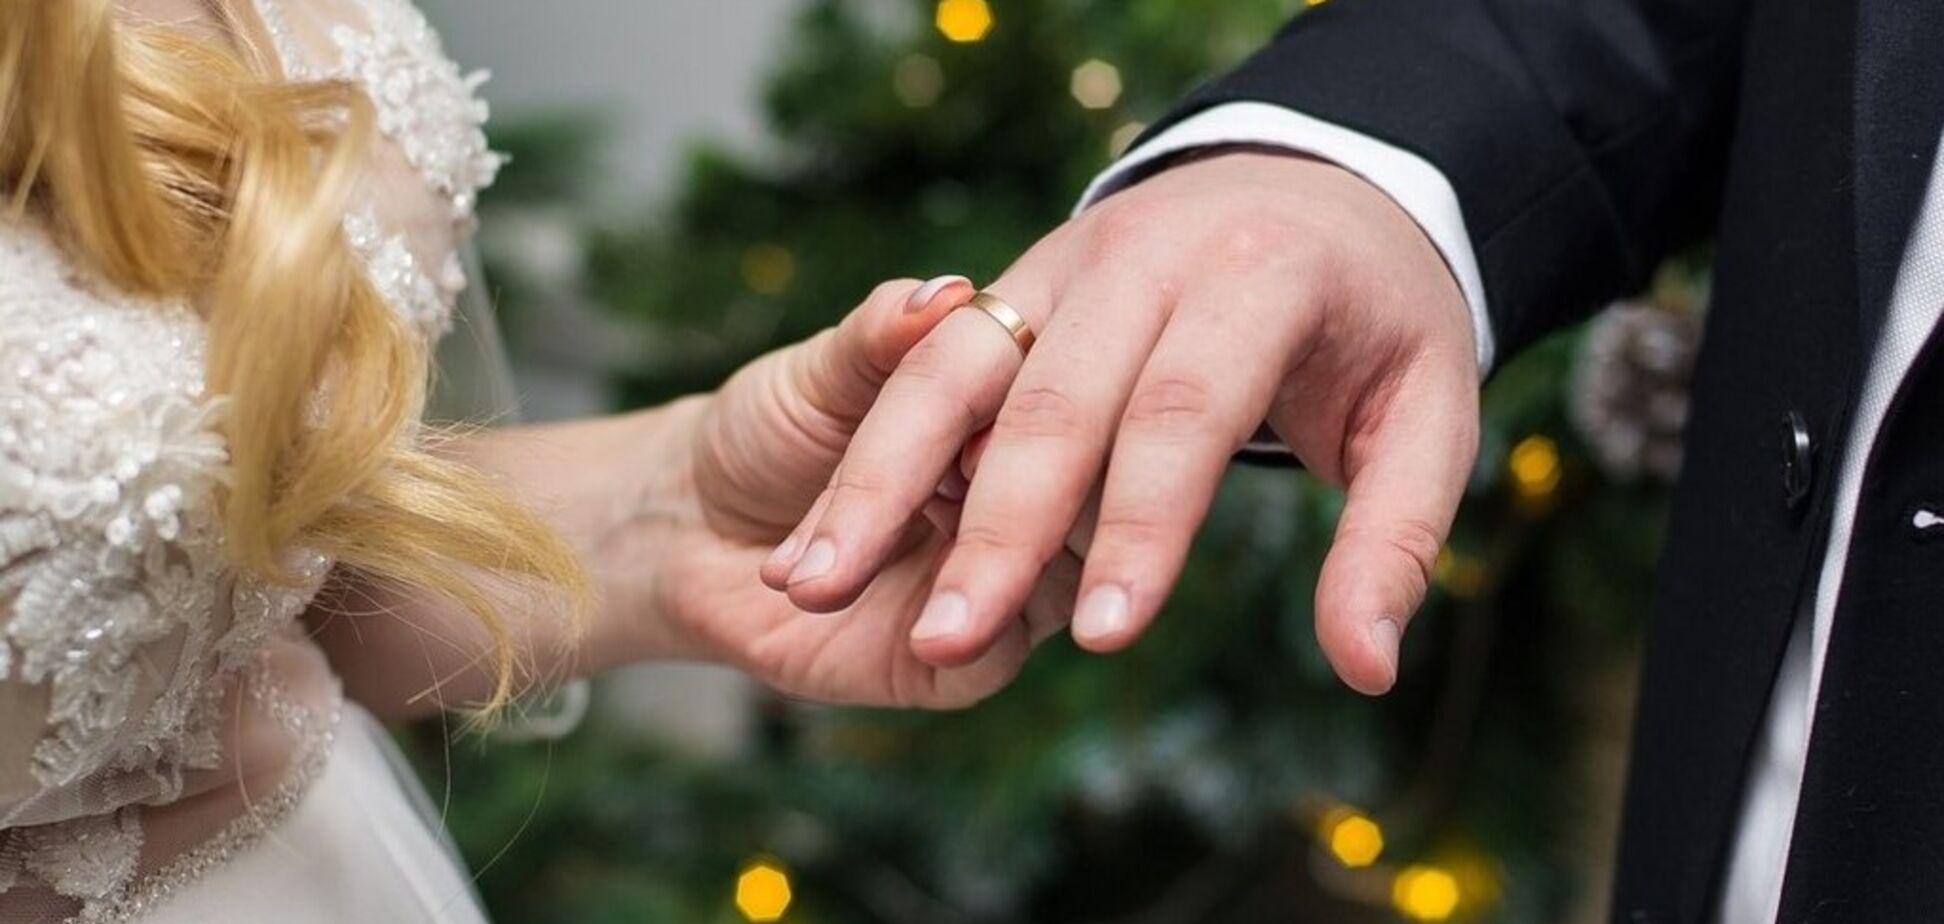 Хочеш одружуйся, хочеш розлучайся: українцям приготували 'сімейний' сюрприз